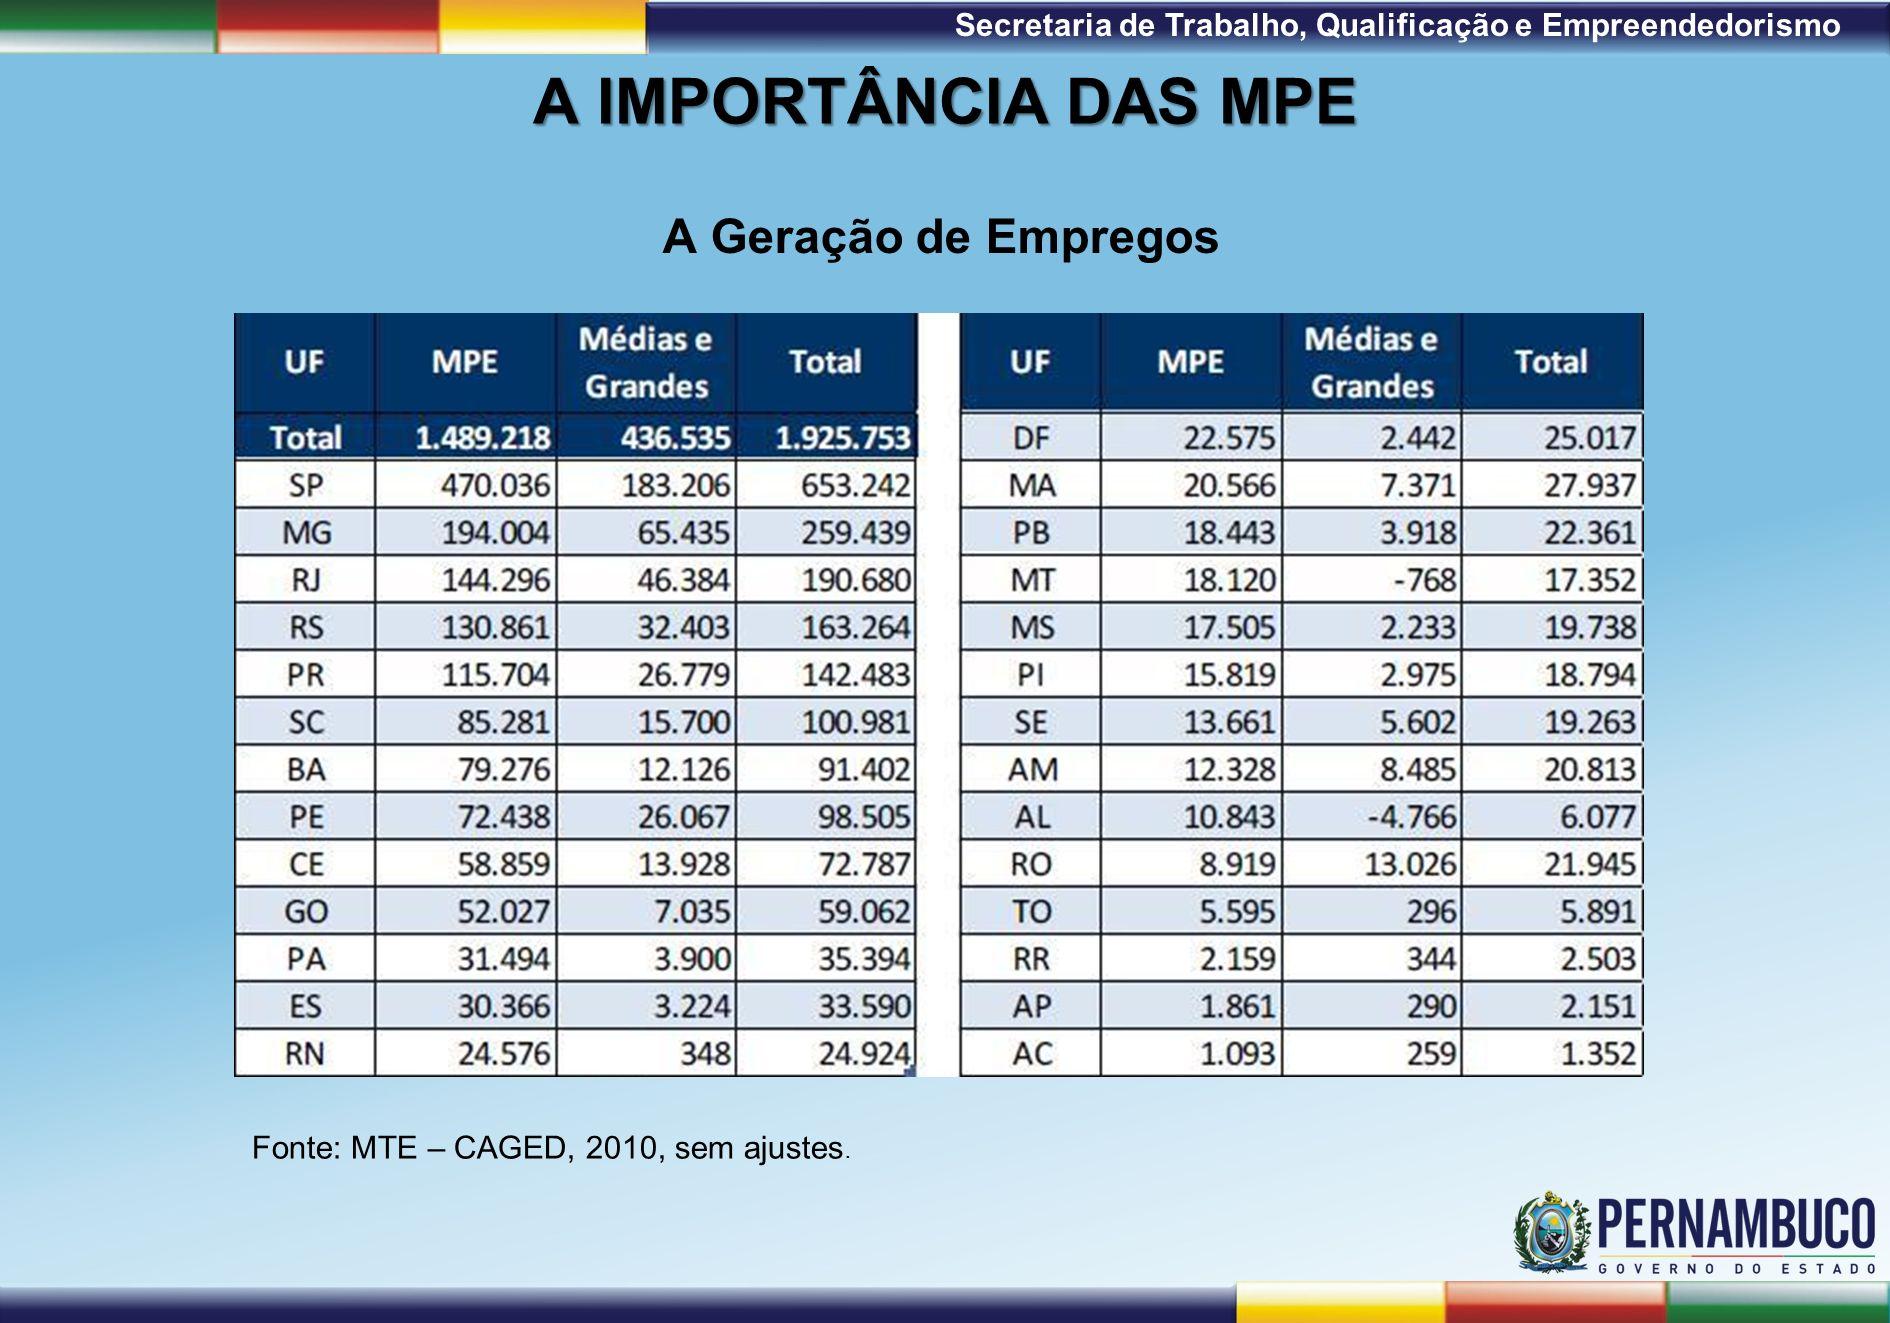 1ª Reunião de Monitoramento 2009 – 31/03/09 Secretaria de Trabalho, Qualificação e Empreendedorismo A IMPORTÂNCIA DAS MPE A Geração de Empregos Fonte: MTE – CAGED, 2010, sem ajustes.